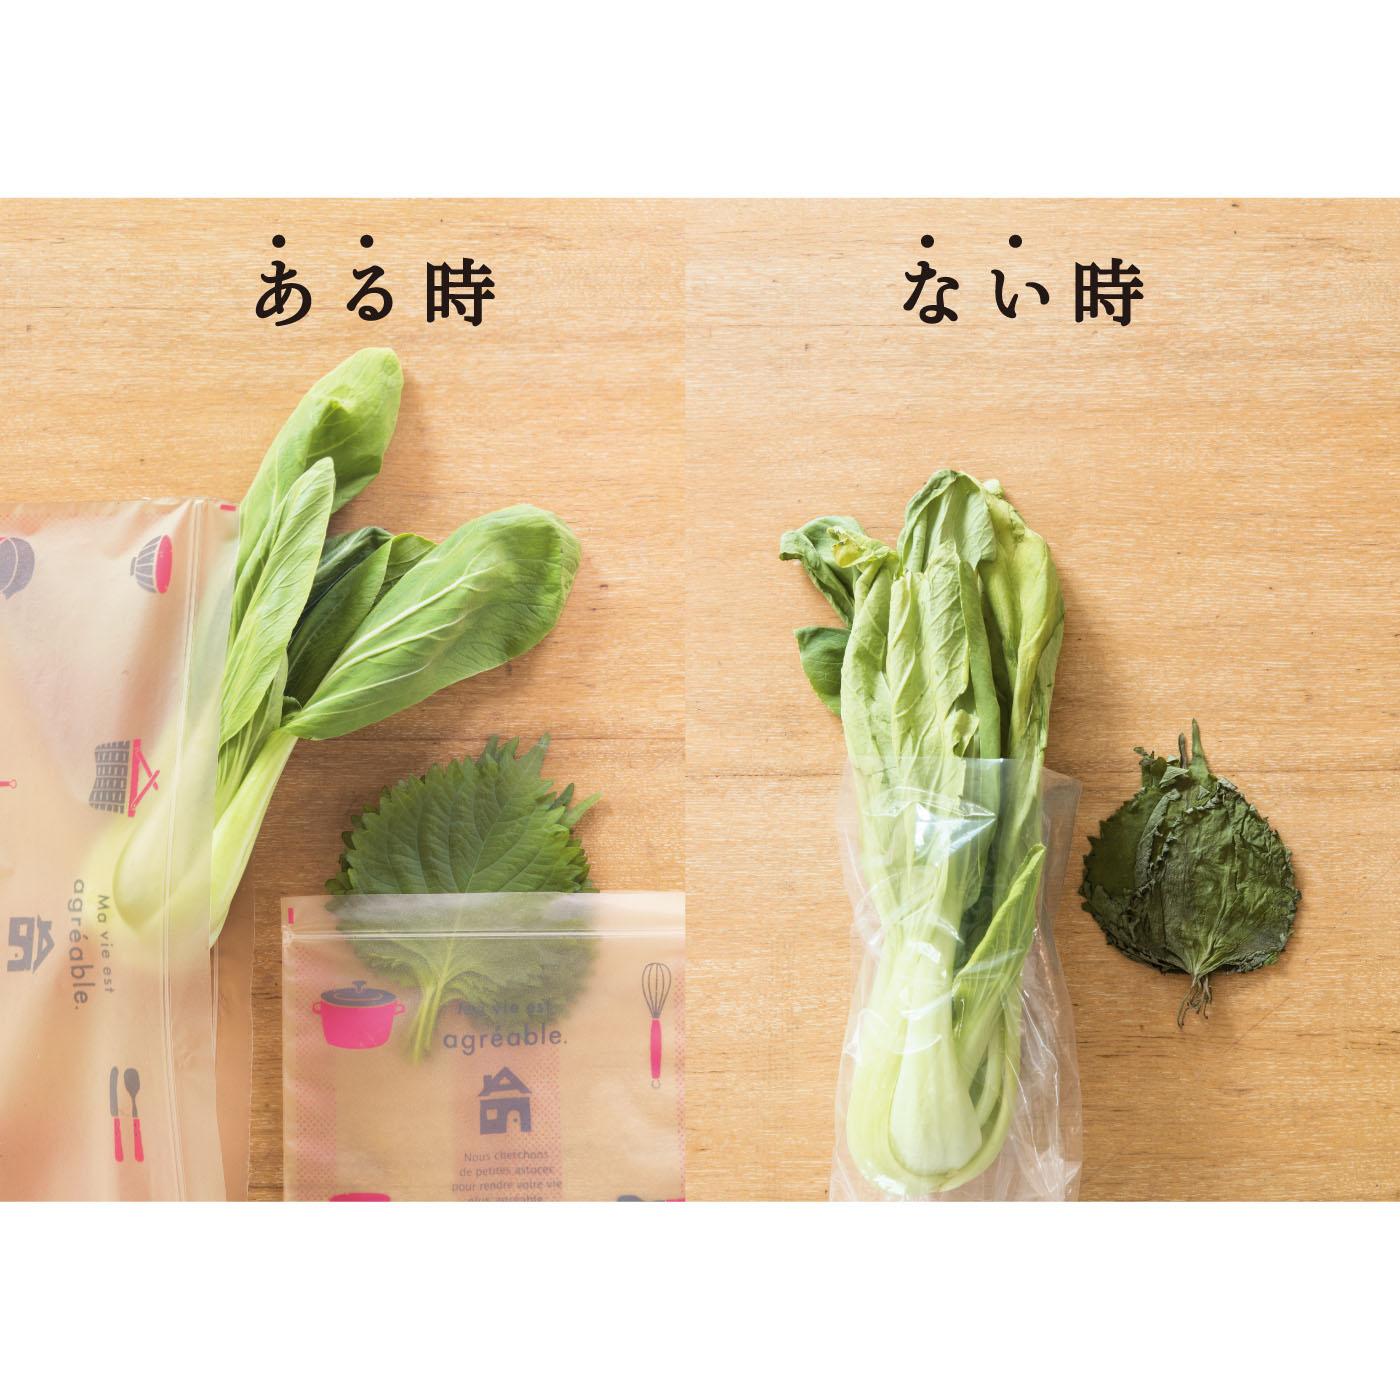 ※5日間同じ冷蔵庫で「抗菌・鮮度保持ジップバッグ」に入れて保存したものと、一般的なポリ袋に入れて保存したものを撮影しています。